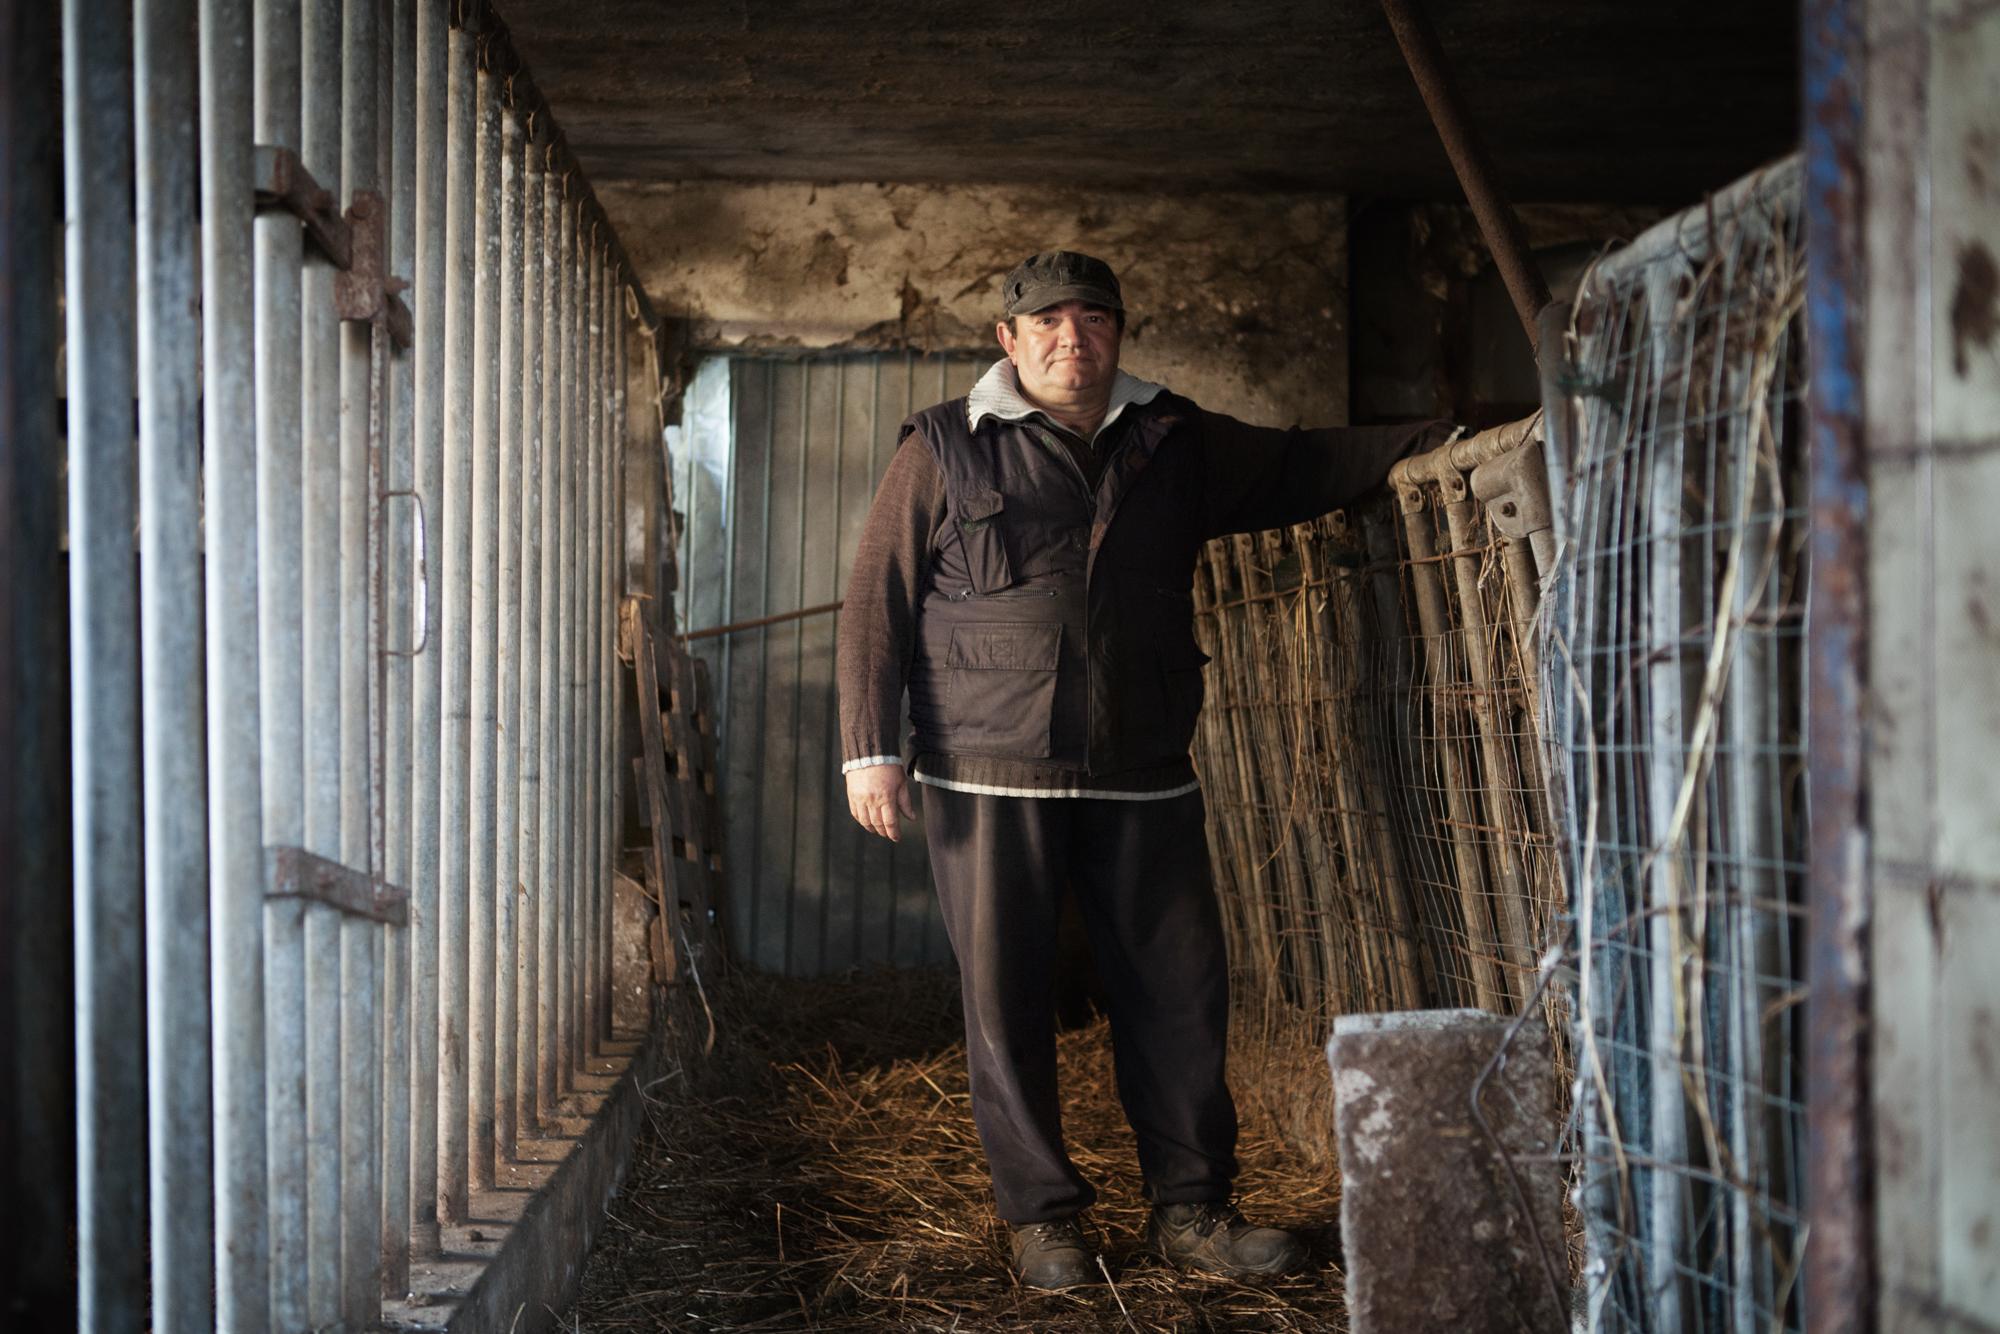 Enrico T. ha ereditato l'azienda agricola dal padre. Nel 2005 sotto ordinanza dell'ASL ha abbattuto circa 250 animali. La sua azienda ha chiuso per l'alto tasso di inquinamento dei terreni.Colleferro, dicembre 2013